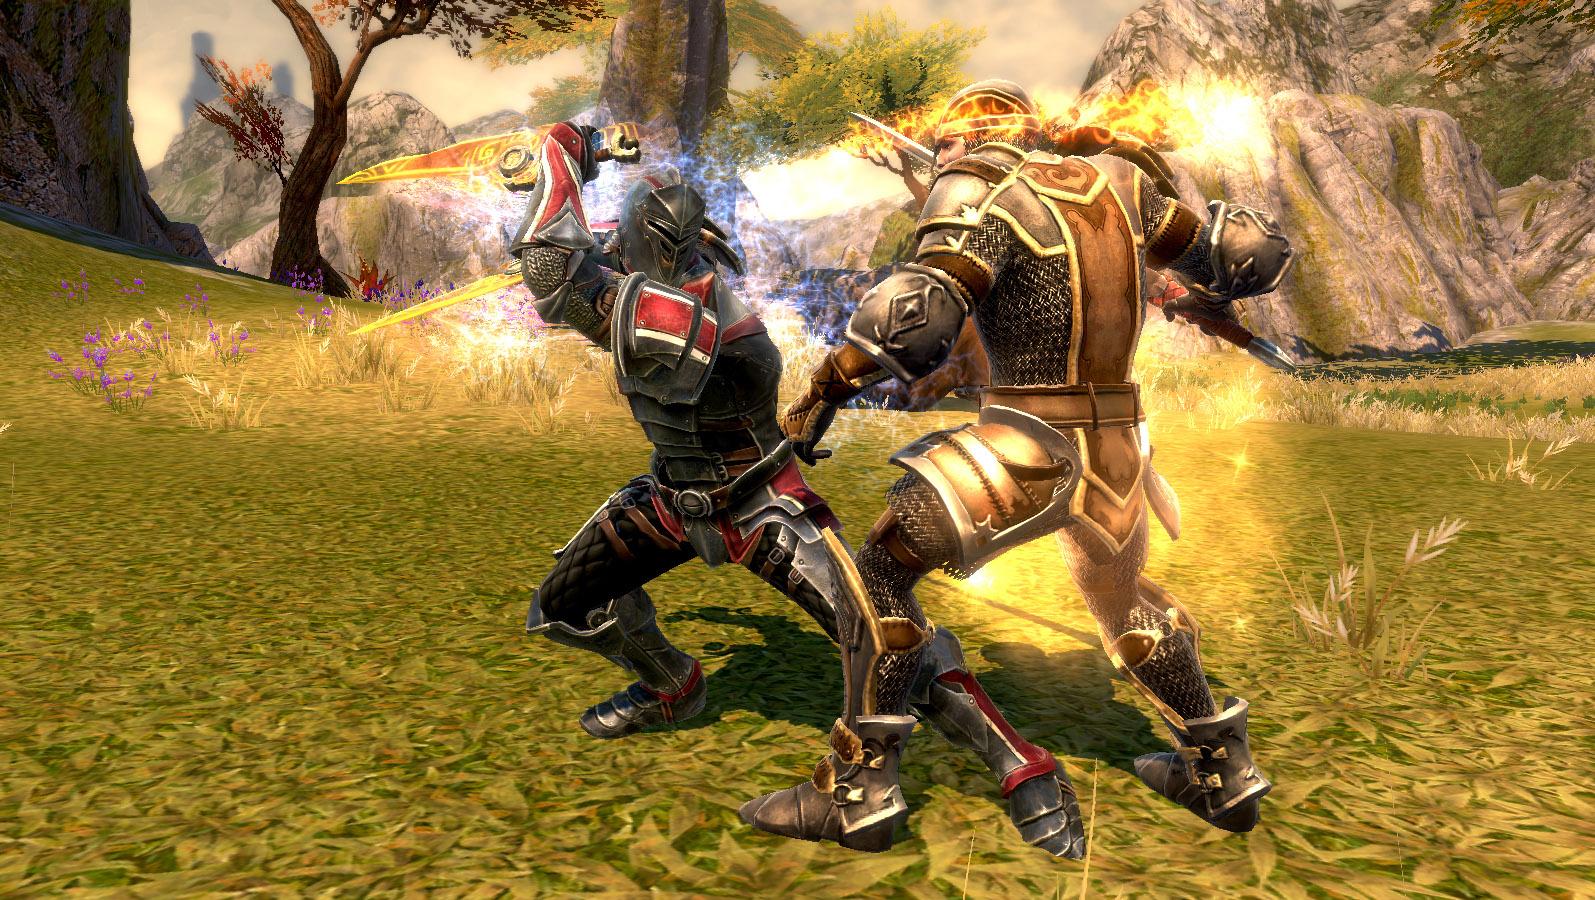 Mass Effect 3 y Kingdoms of Amalur intercambian objetos por medio de sus respectivas demos [Marketing]